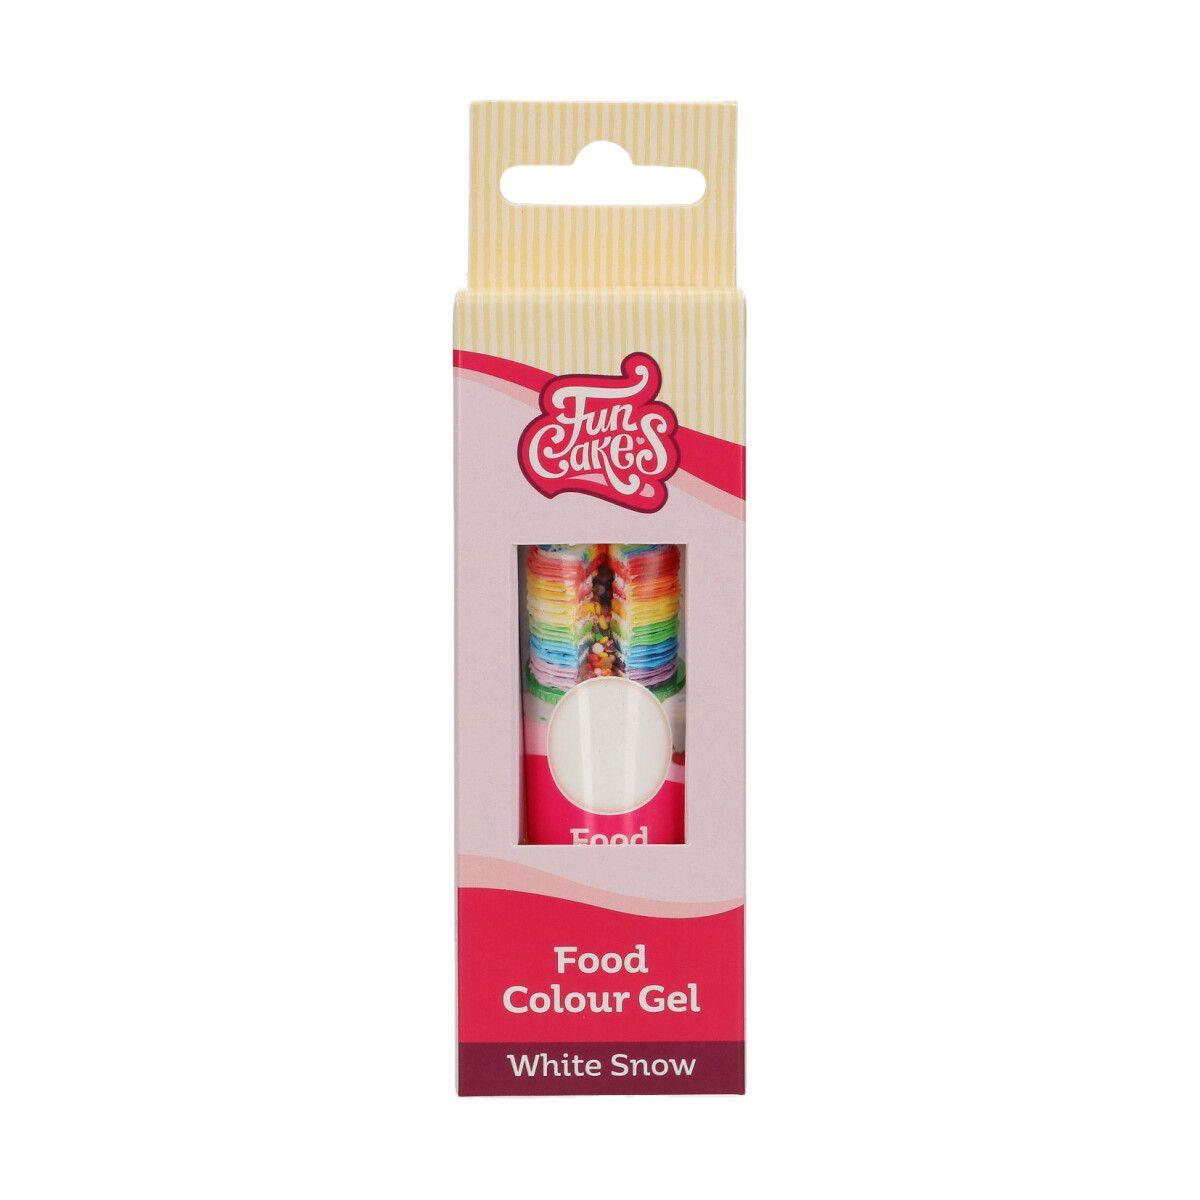 Imagen de producto: https://tienda.postreadiccion.com/img/articulos/secundarias13989-colorante-en-gel-blanco-50-g-funcakes-1.jpg